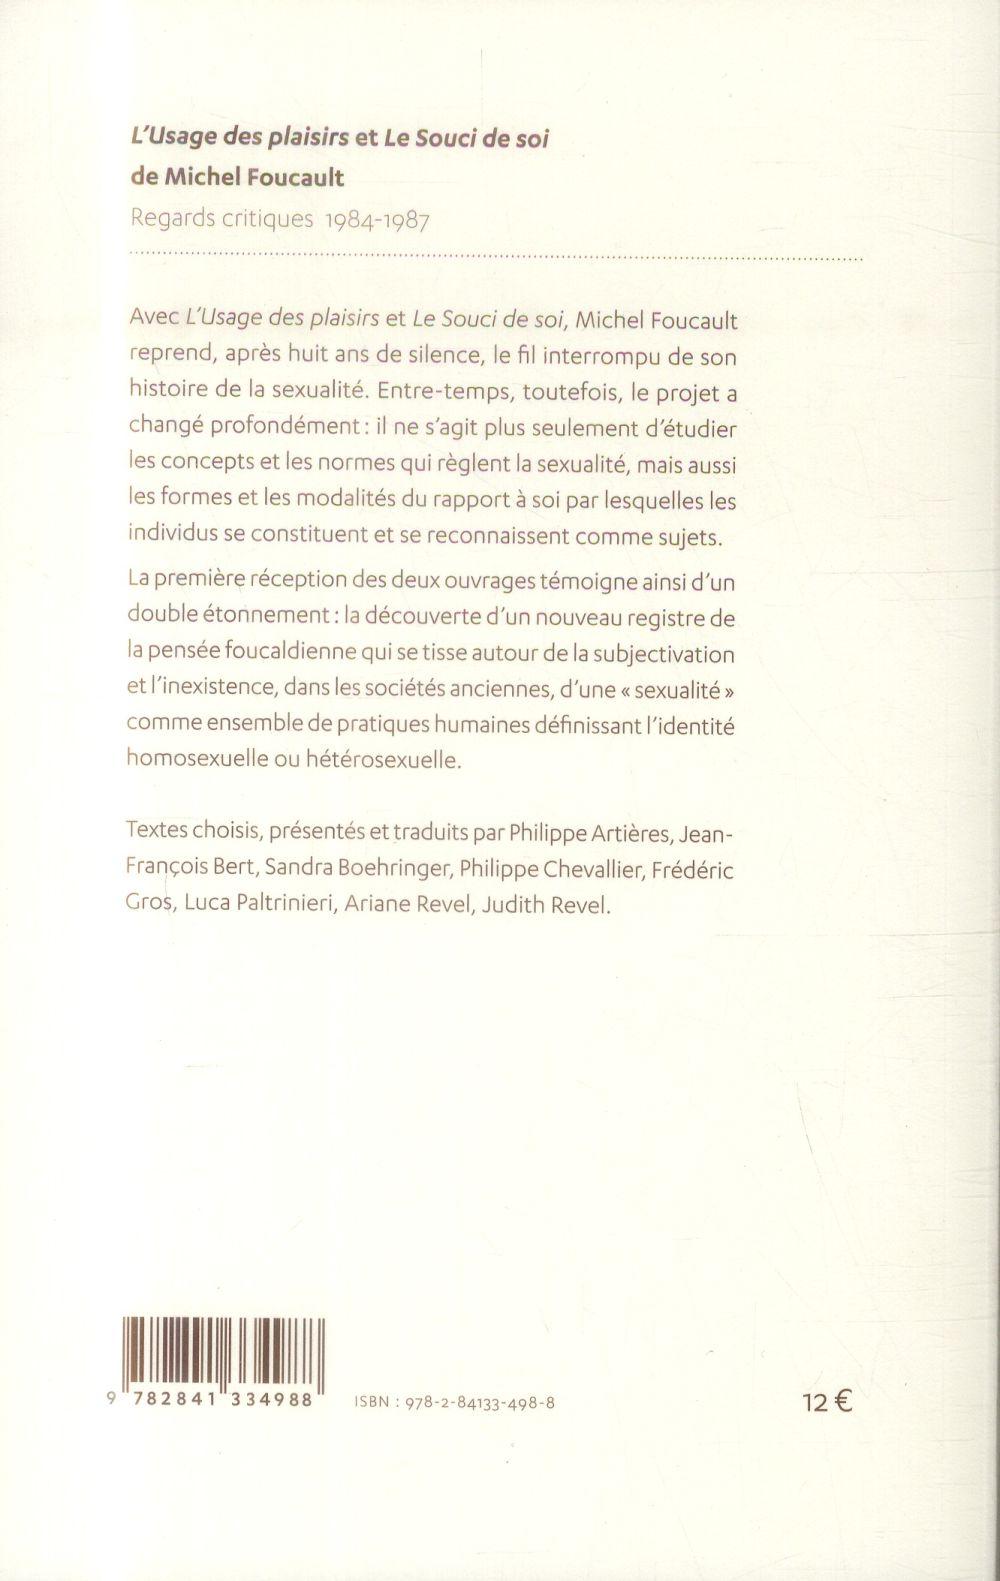 L' usage des plaisirs et le souci de soi de michel foucault. regards critiques 1984-1987